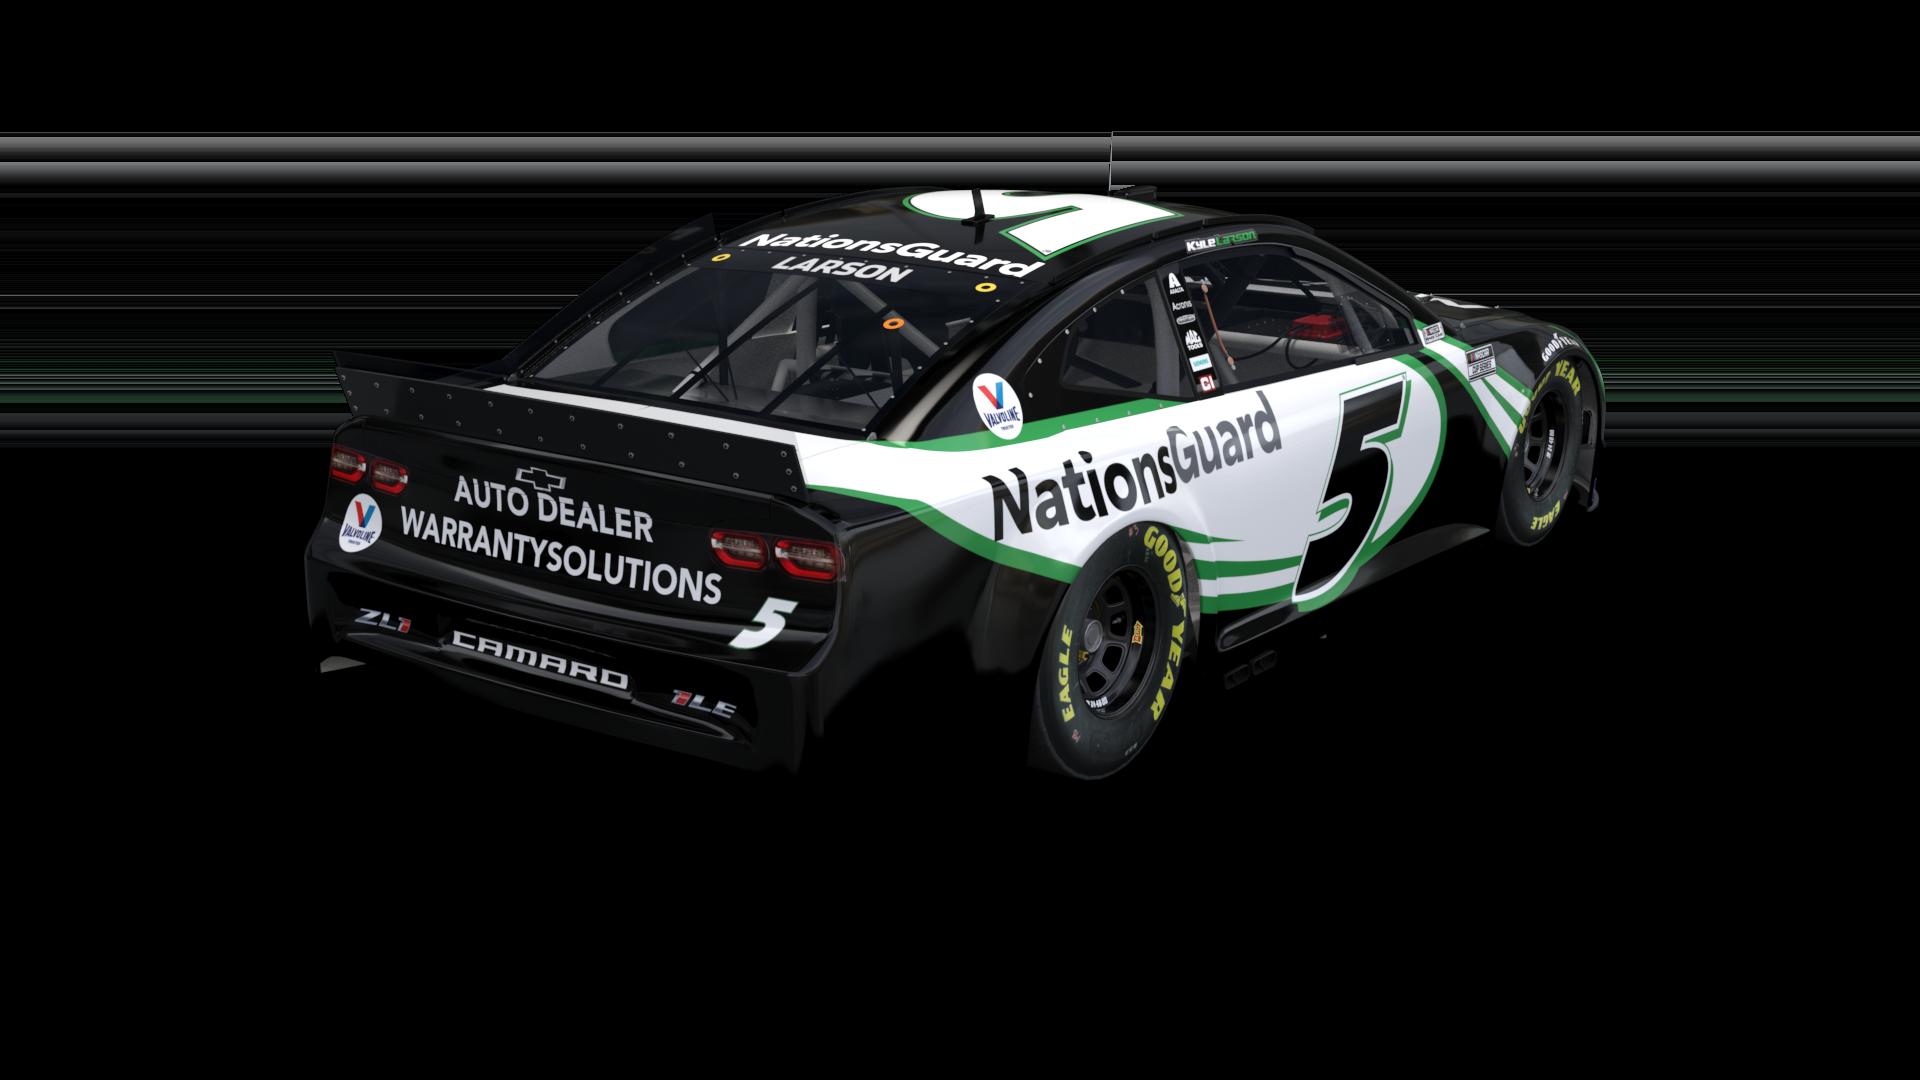 NASCAR 5 paint scheme - Kyle Larson